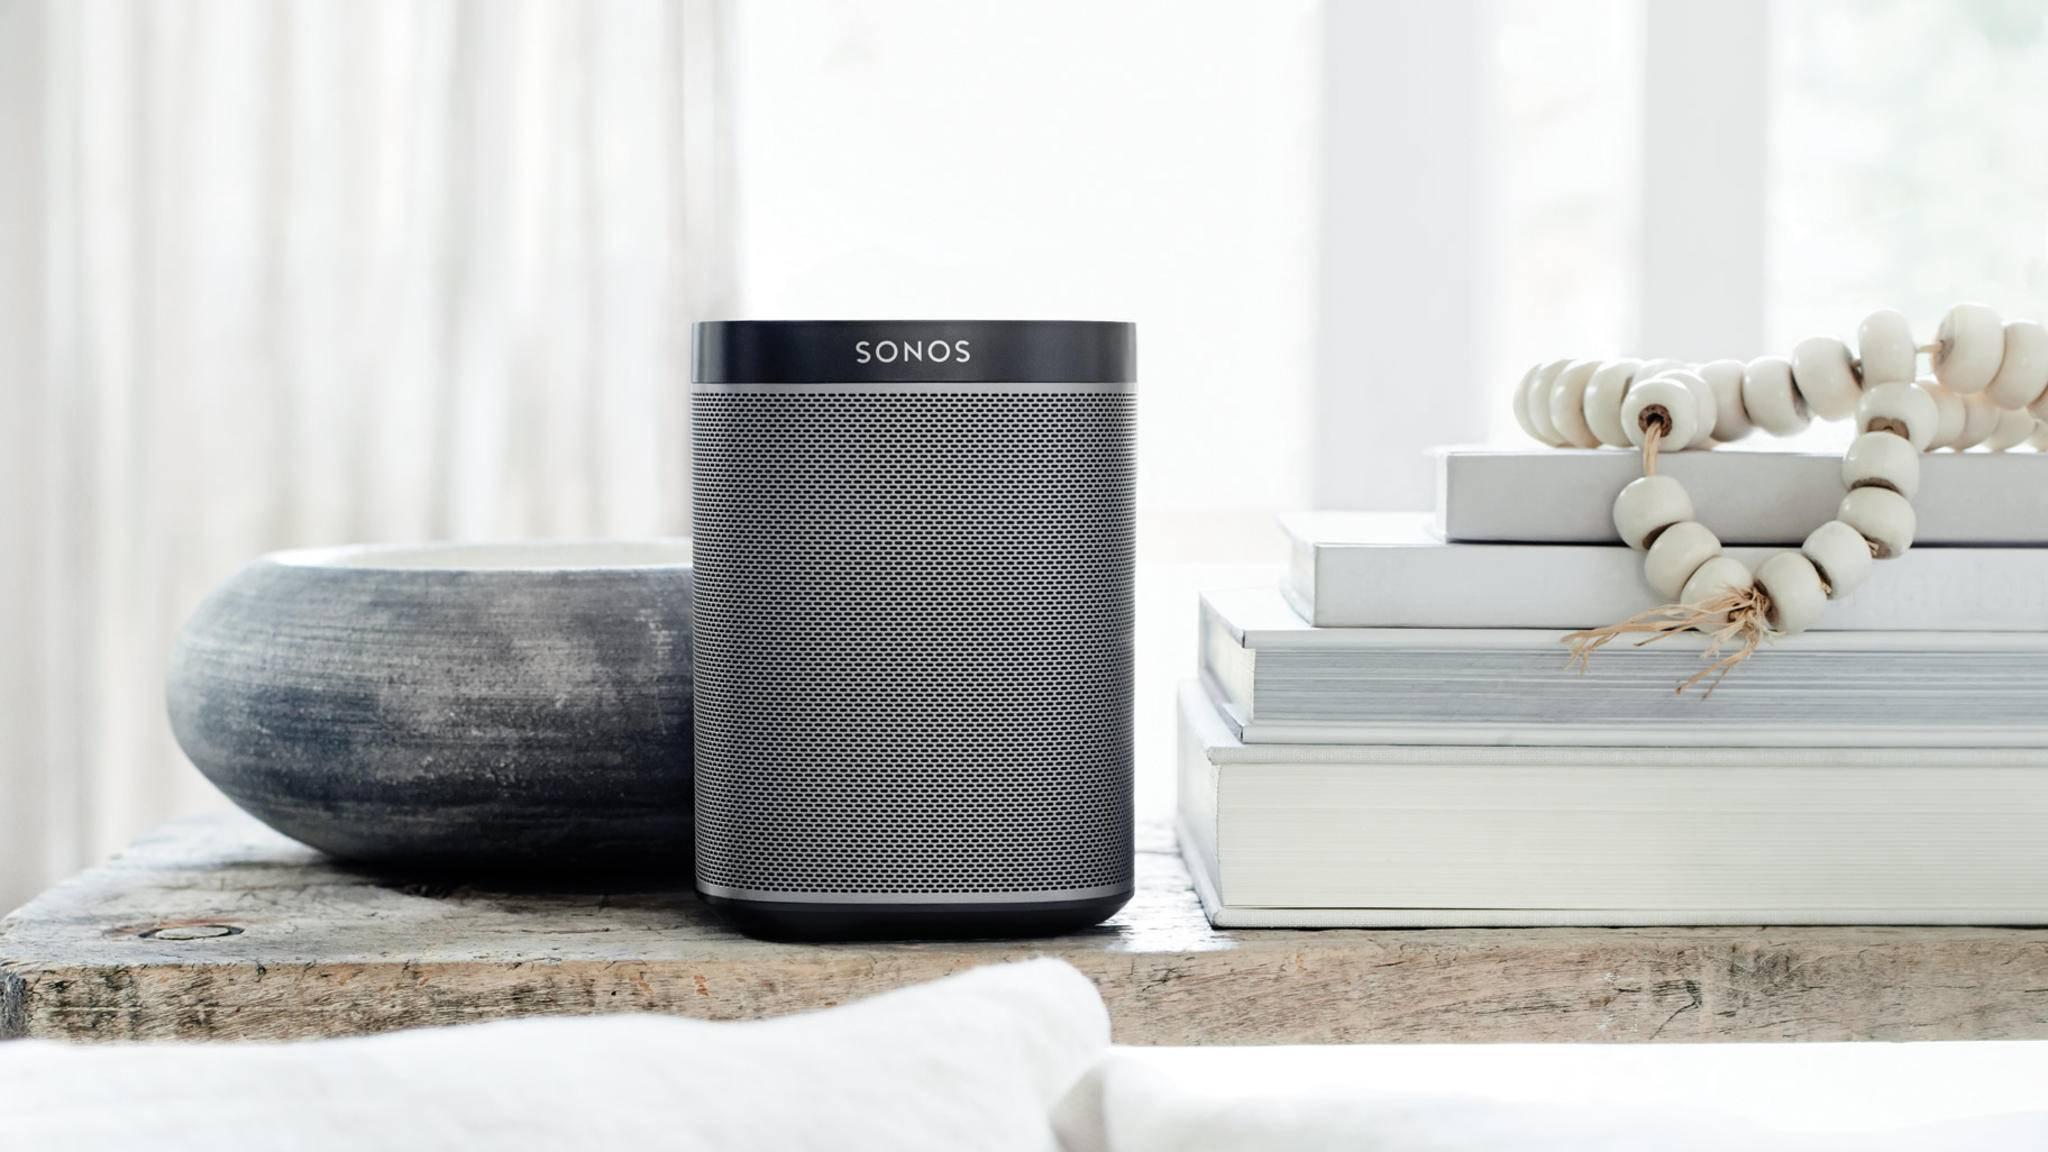 Sonos begrüßt den Apple HomePod.